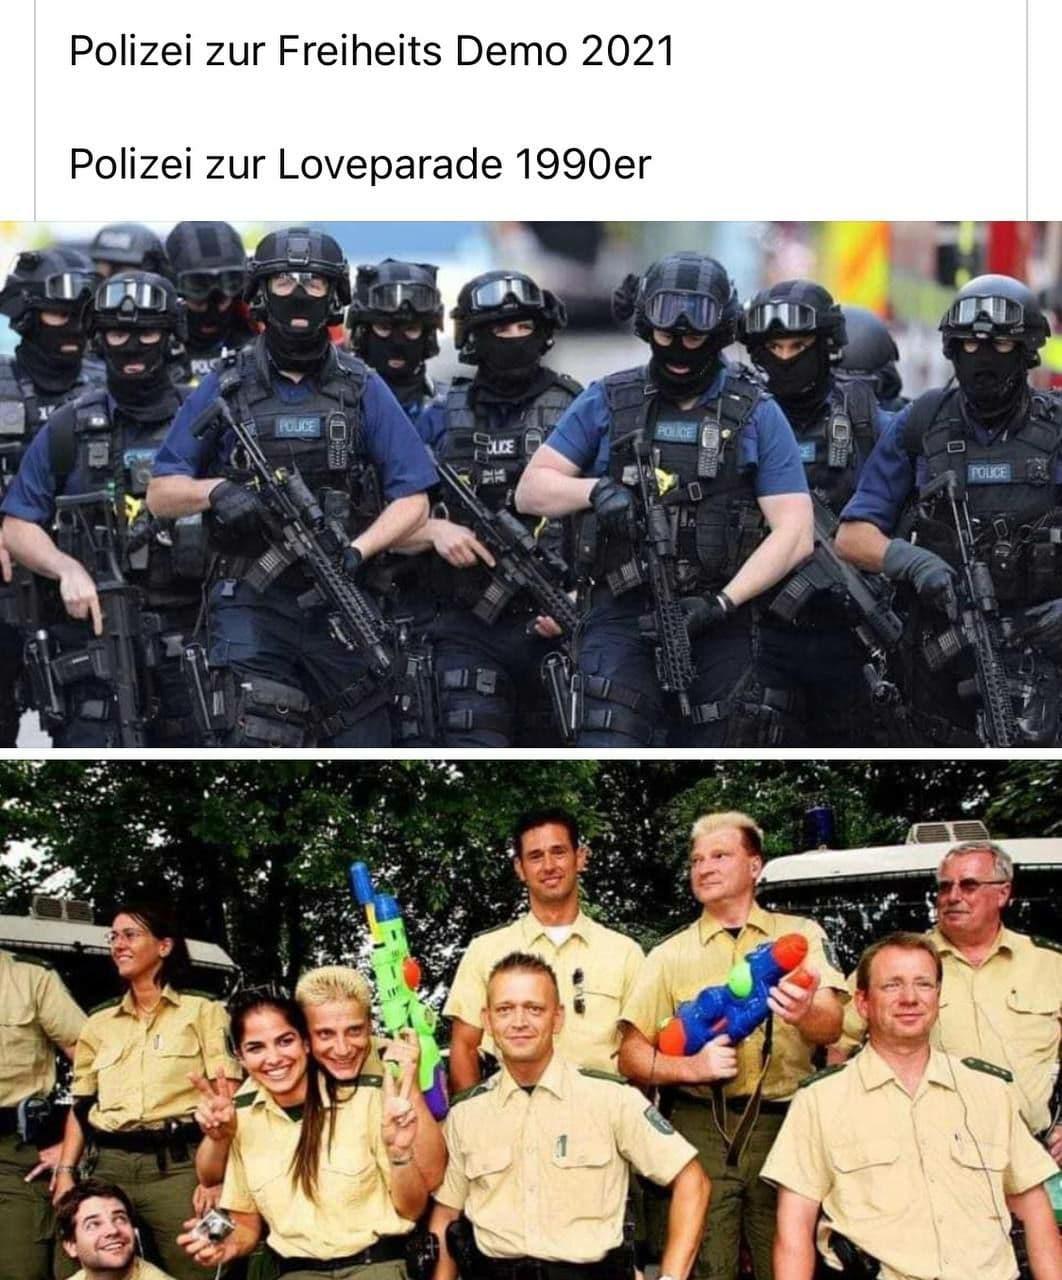 Polizei gestern und heute